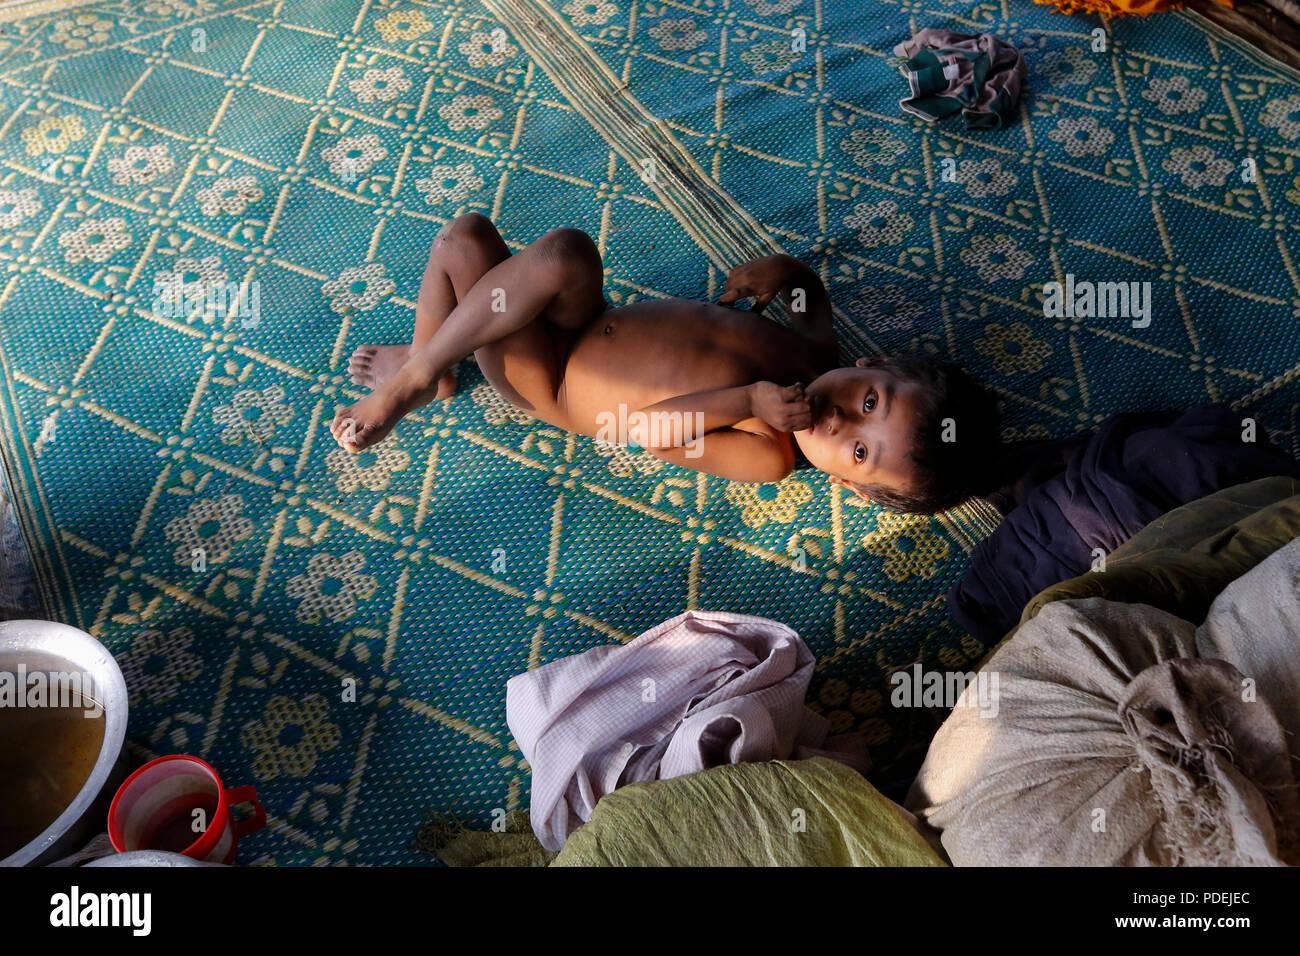 Un niño Rohingya en Kutupalong campamento de refugiados, Cox's Bazar, Bangladesh Imagen De Stock